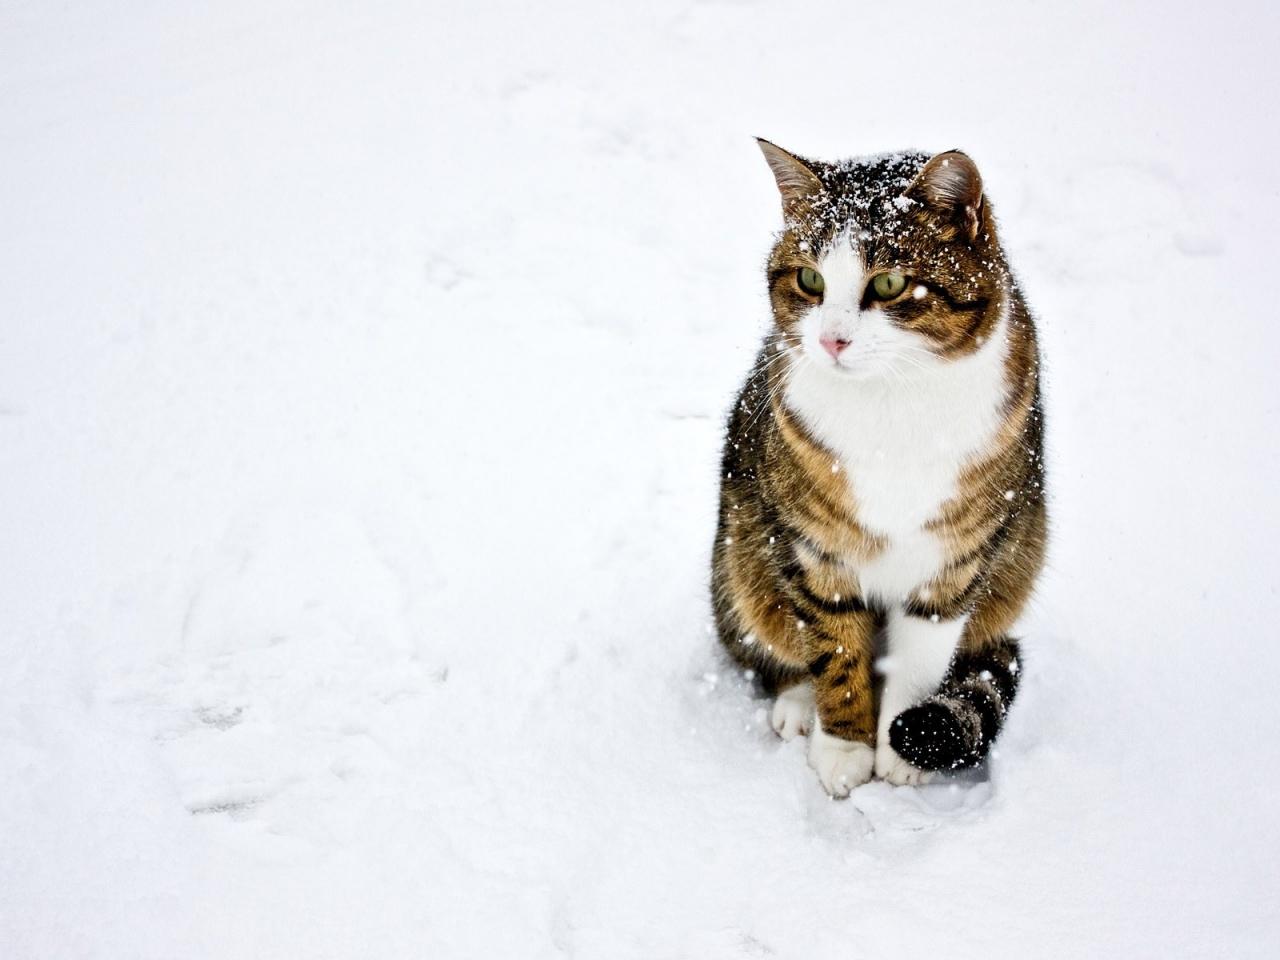 Un gato paseando en la nieve - 1280x960